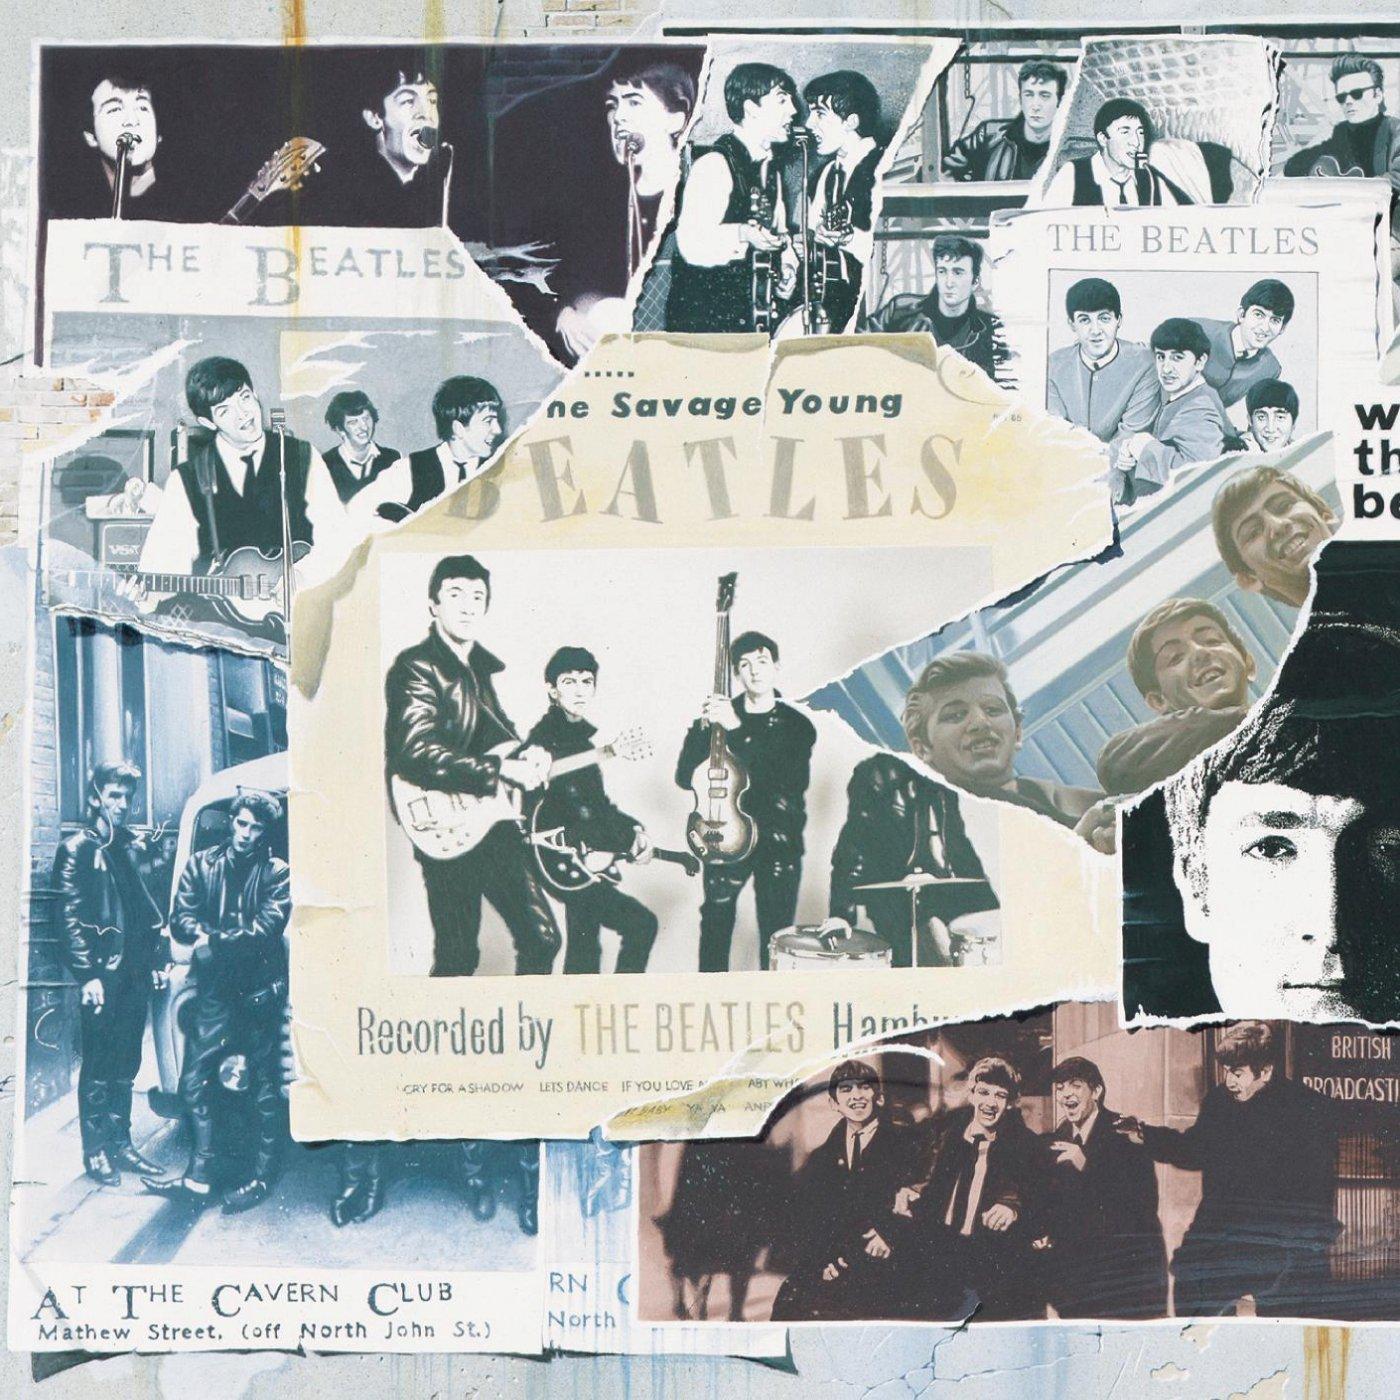 Anthology 1: amazon.co.uk: music